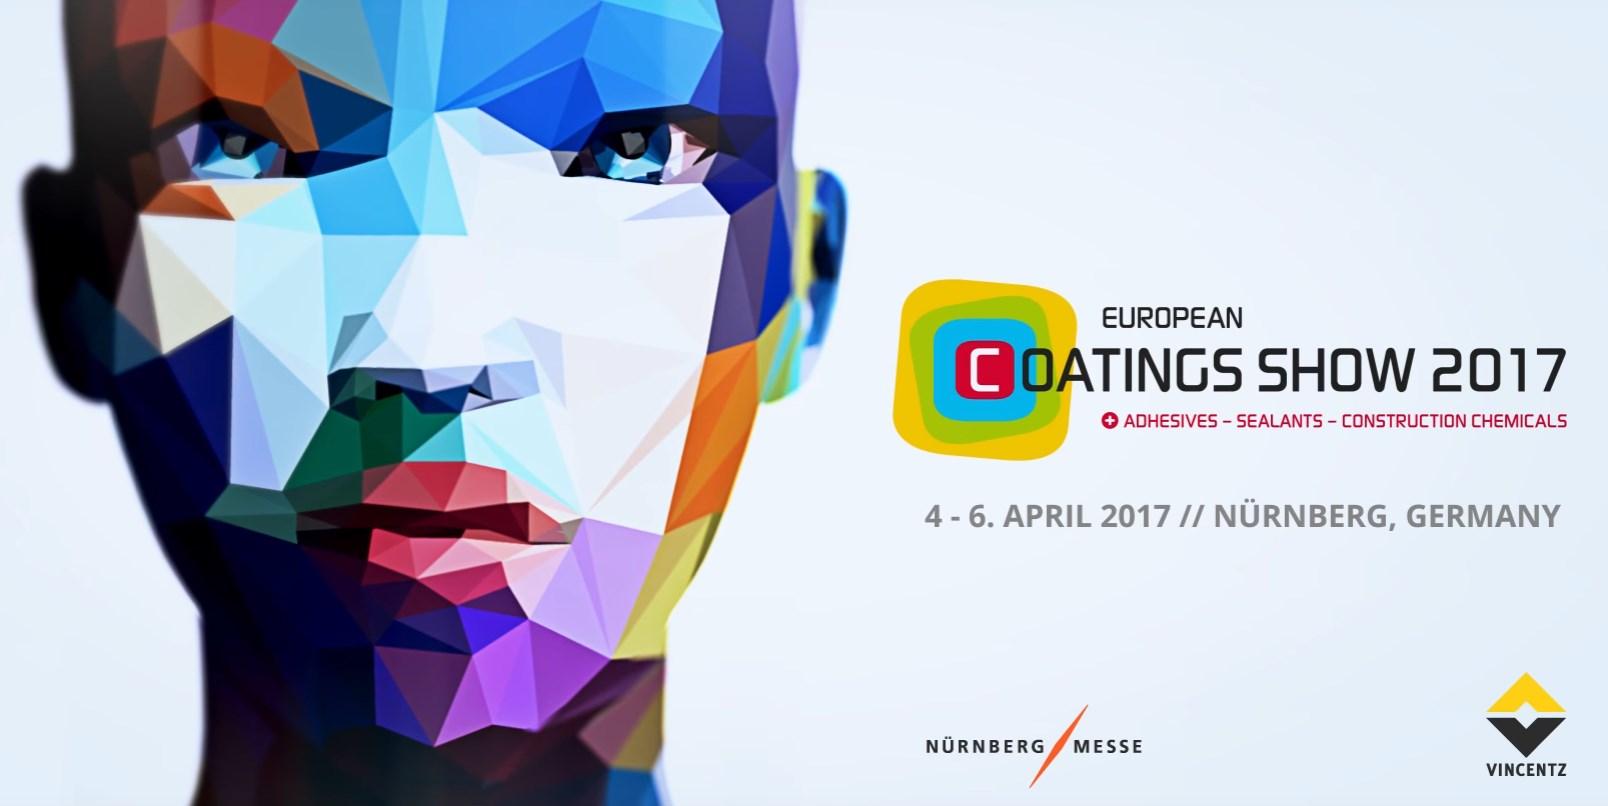 April 4-6, 2017 - European Coatings Show 2017